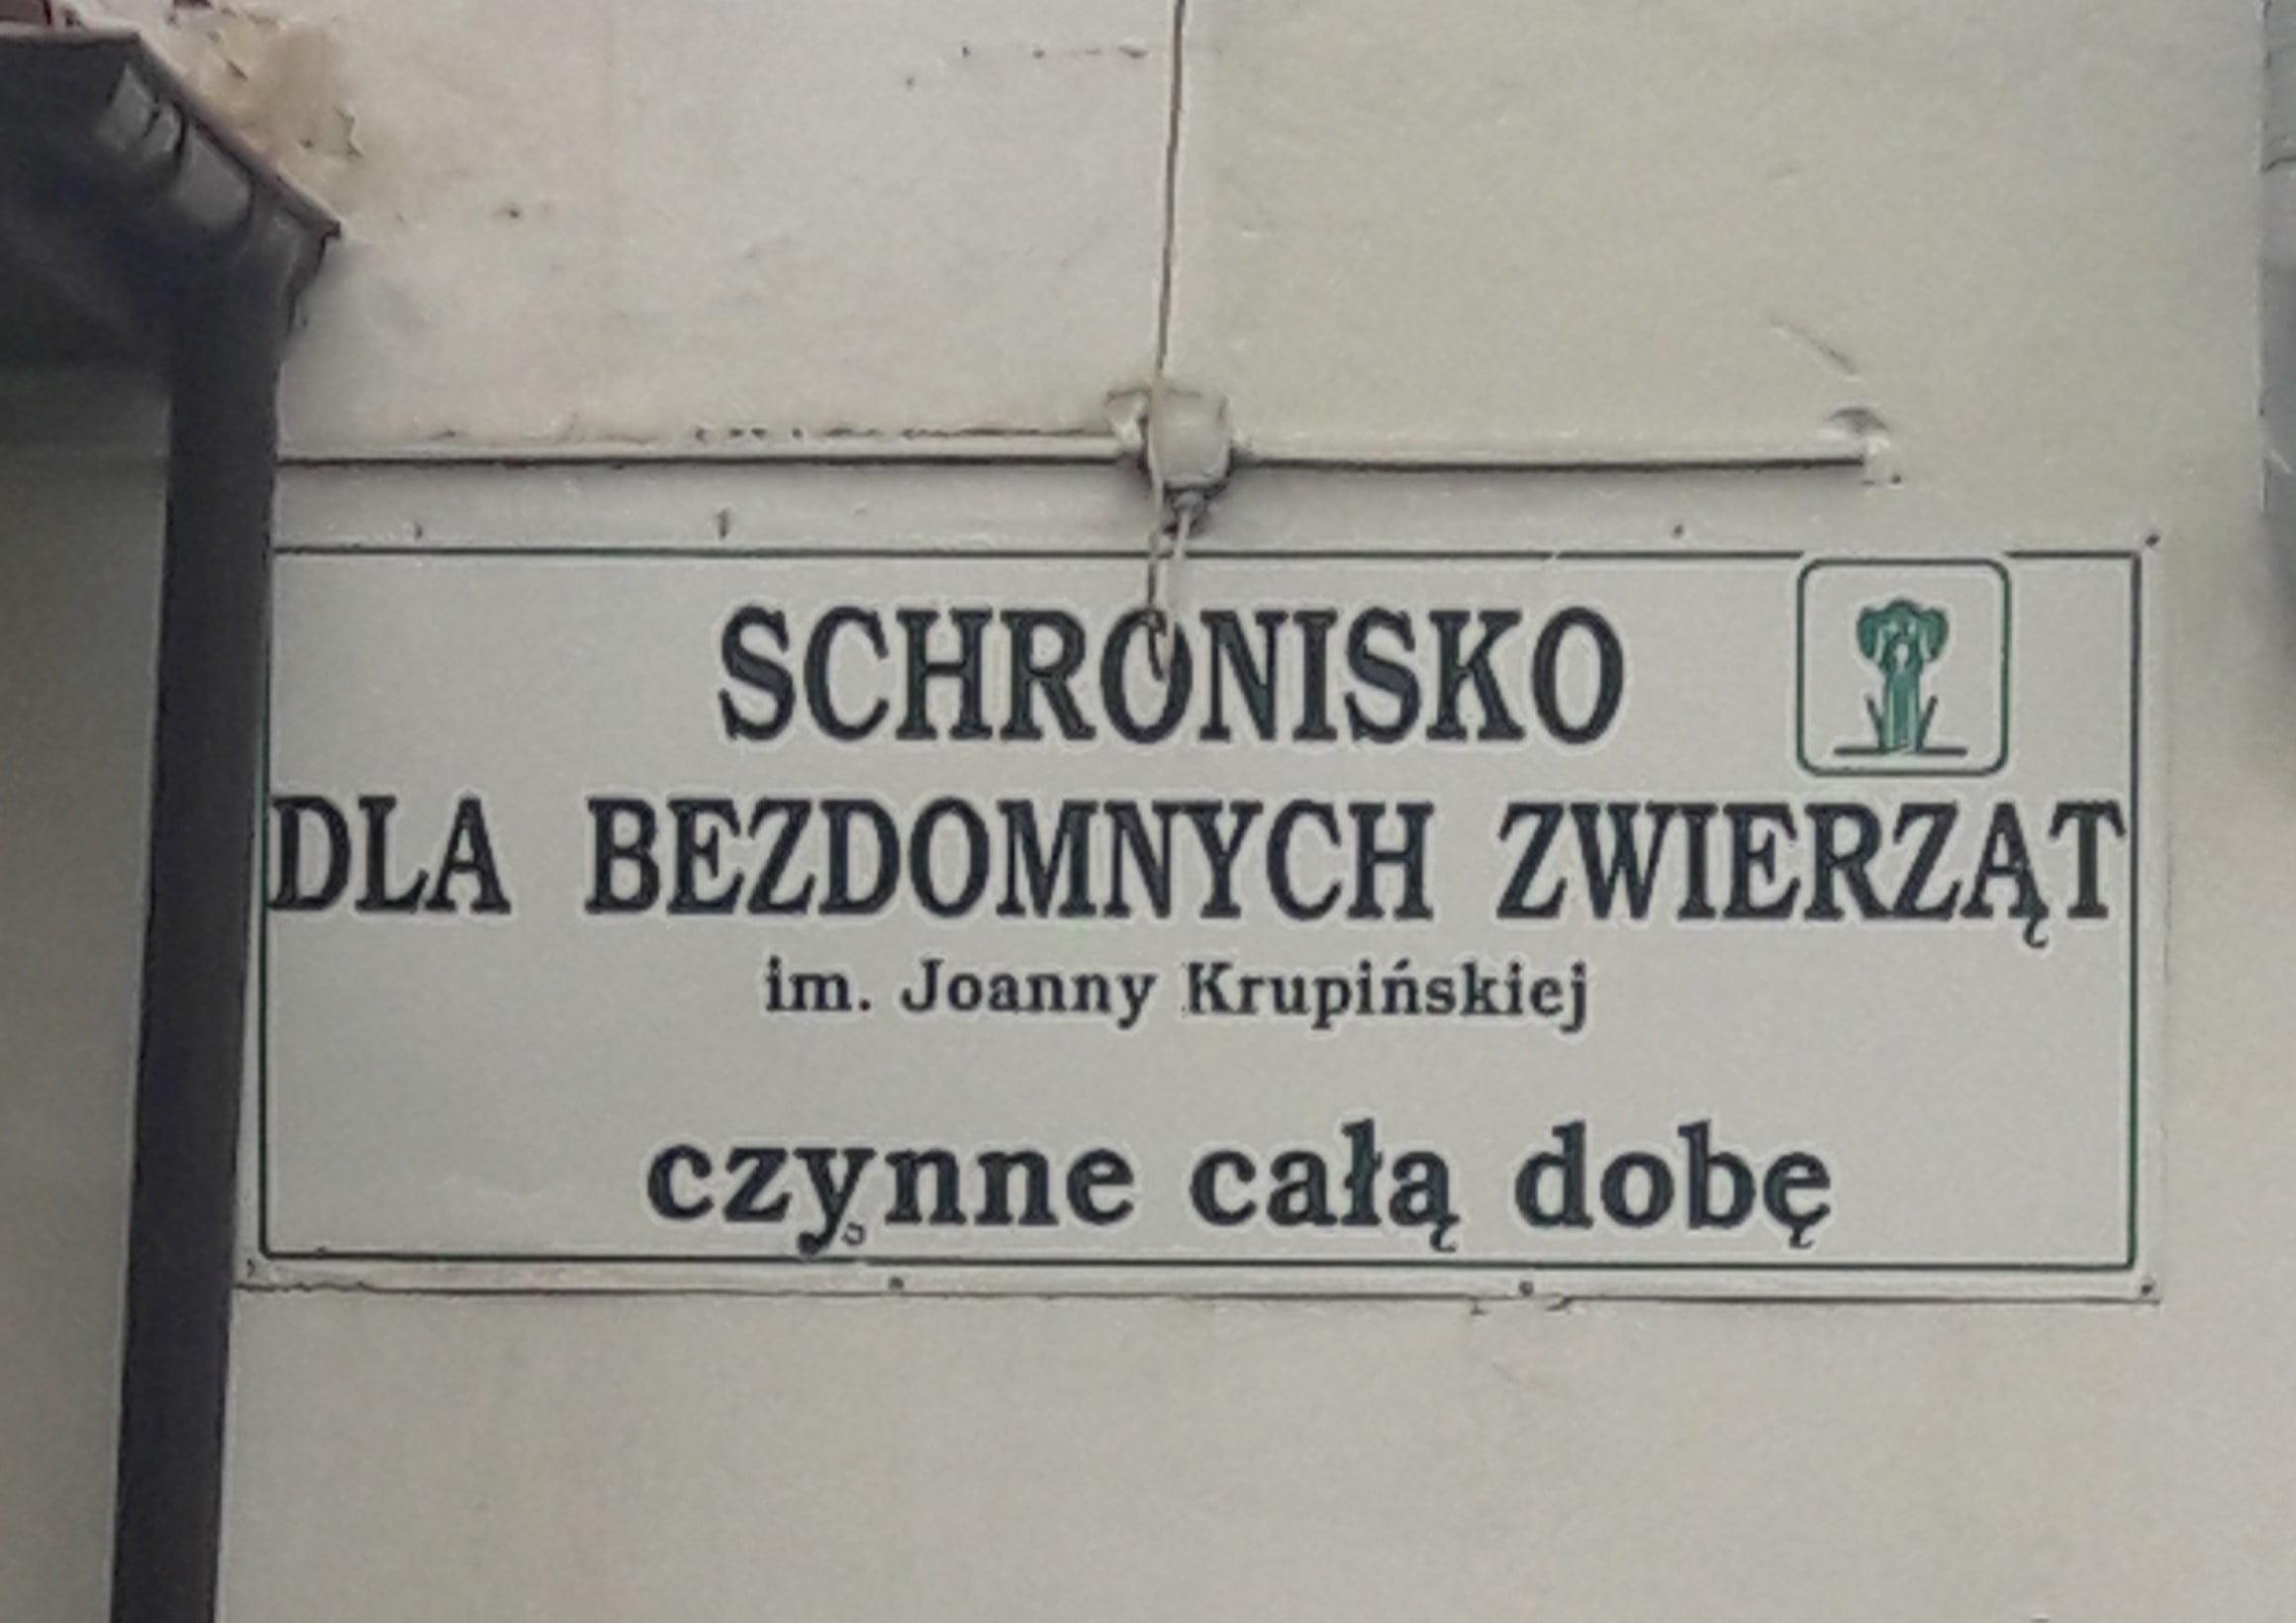 Schronisko dla bezdomnych zwierząt w Krakowie